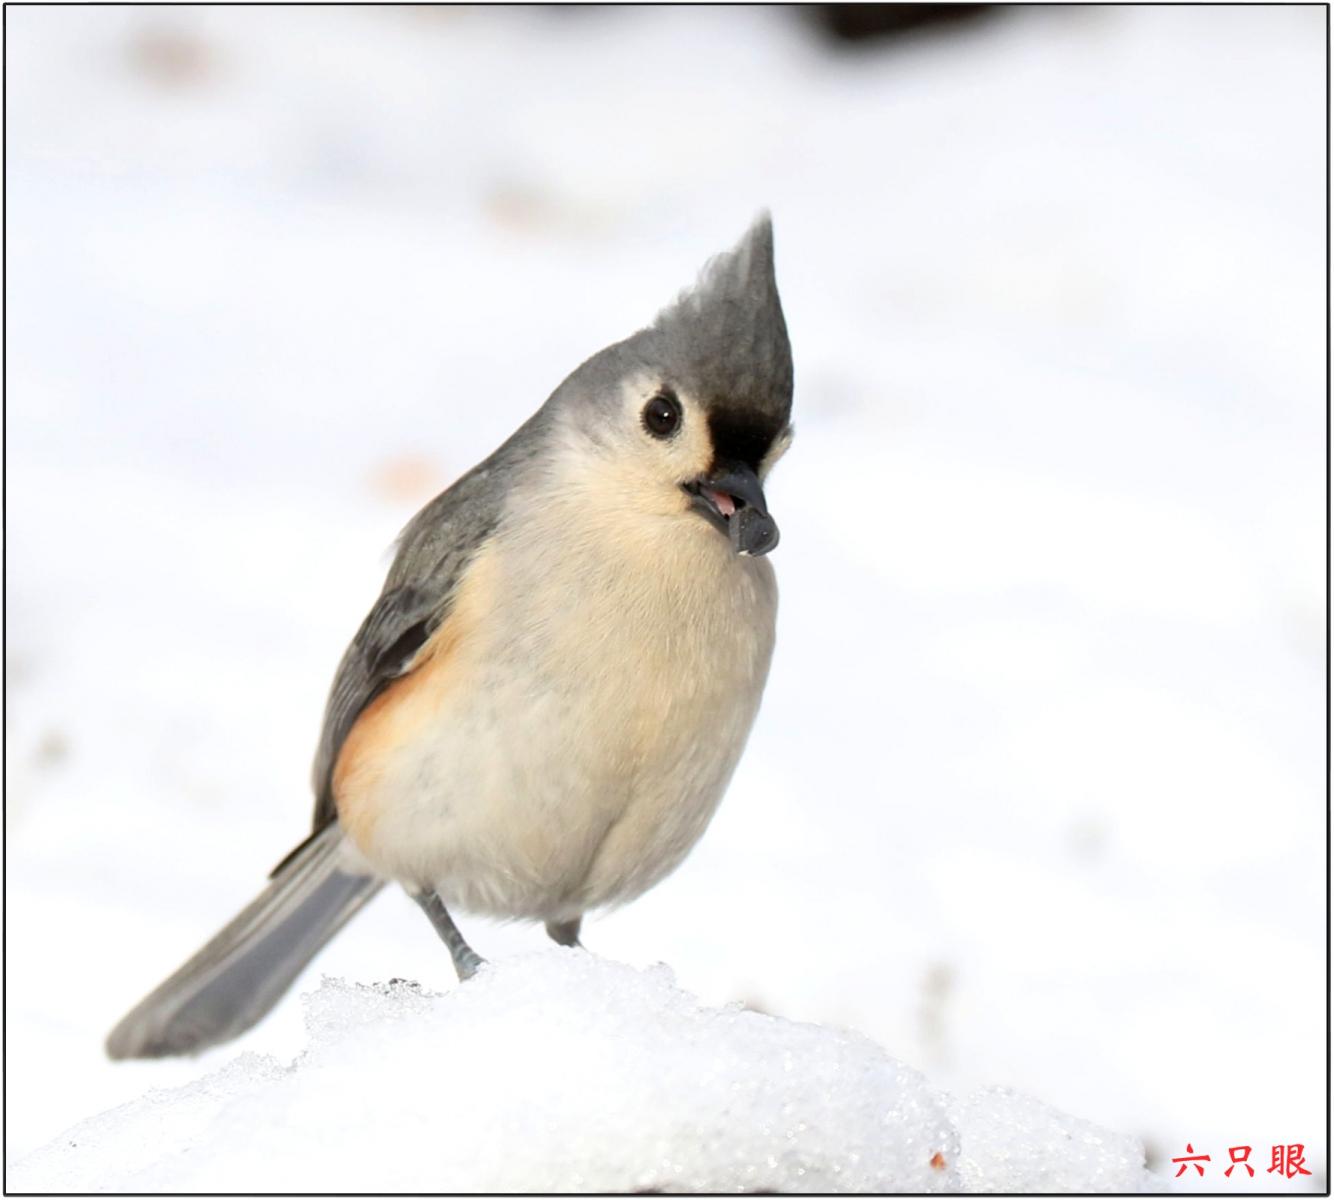 六只眼:雪中小鸟觅食忙_图1-1